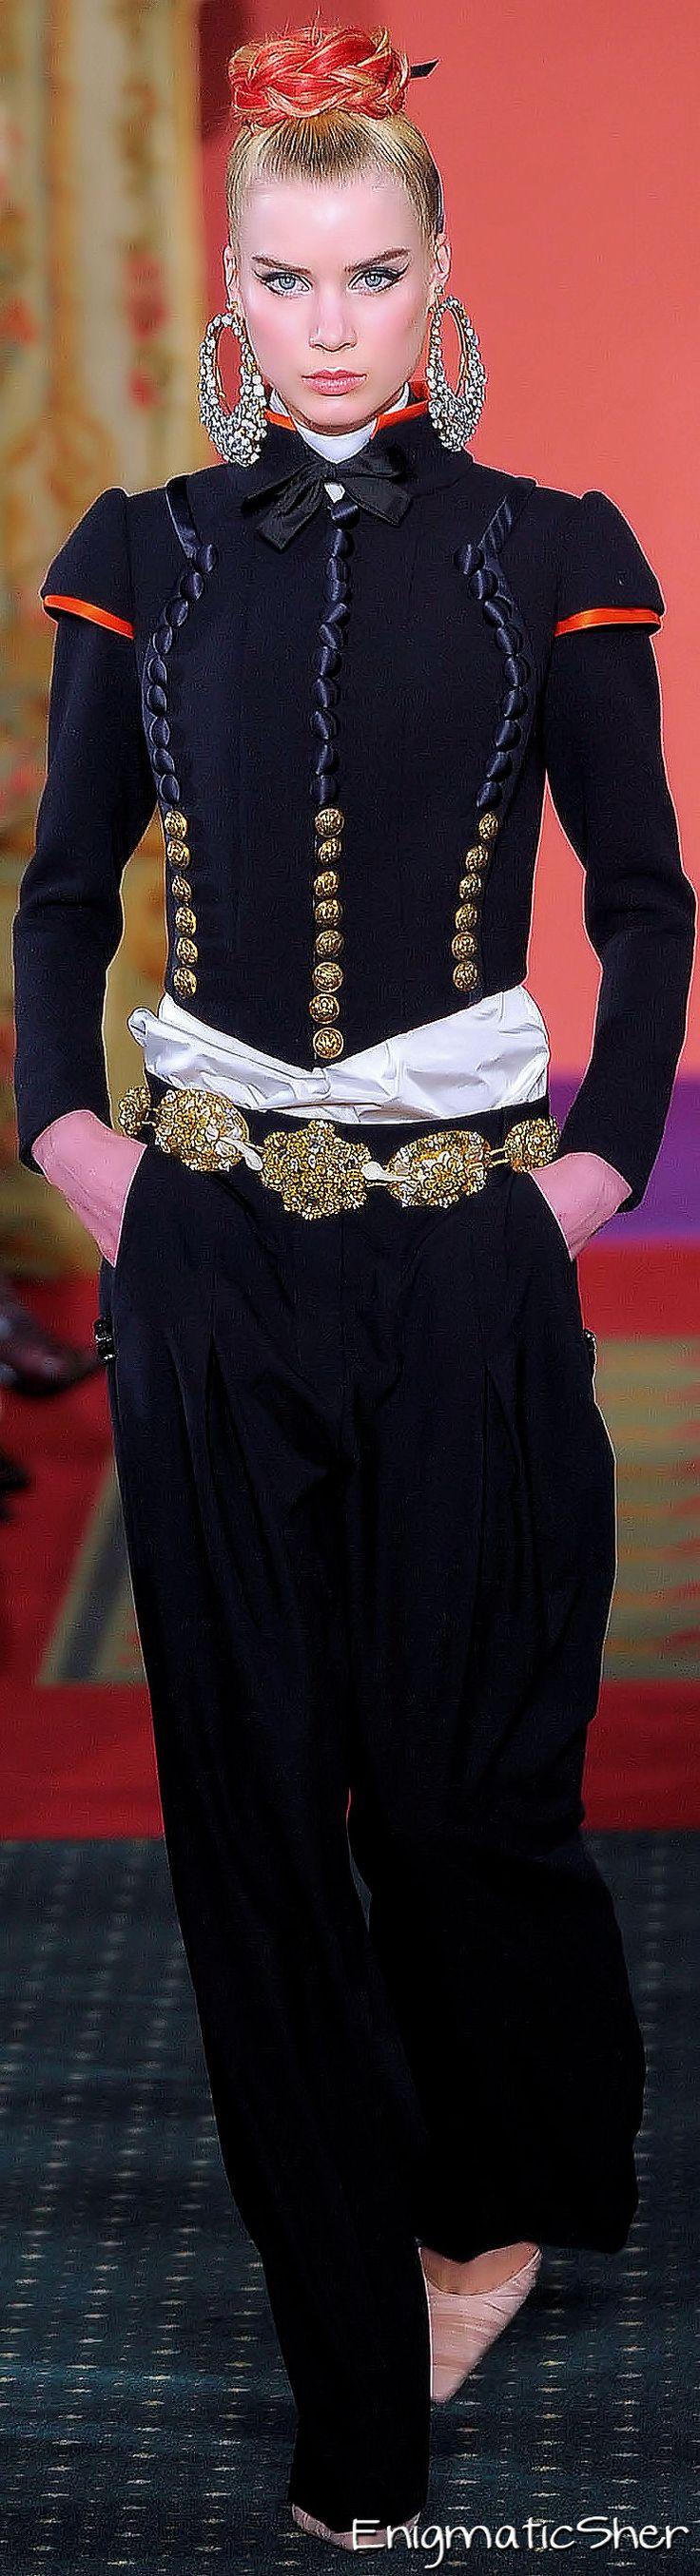 #2locos www.2locos.com Christian Lacroix Spring Summer 2009 Haute Couture